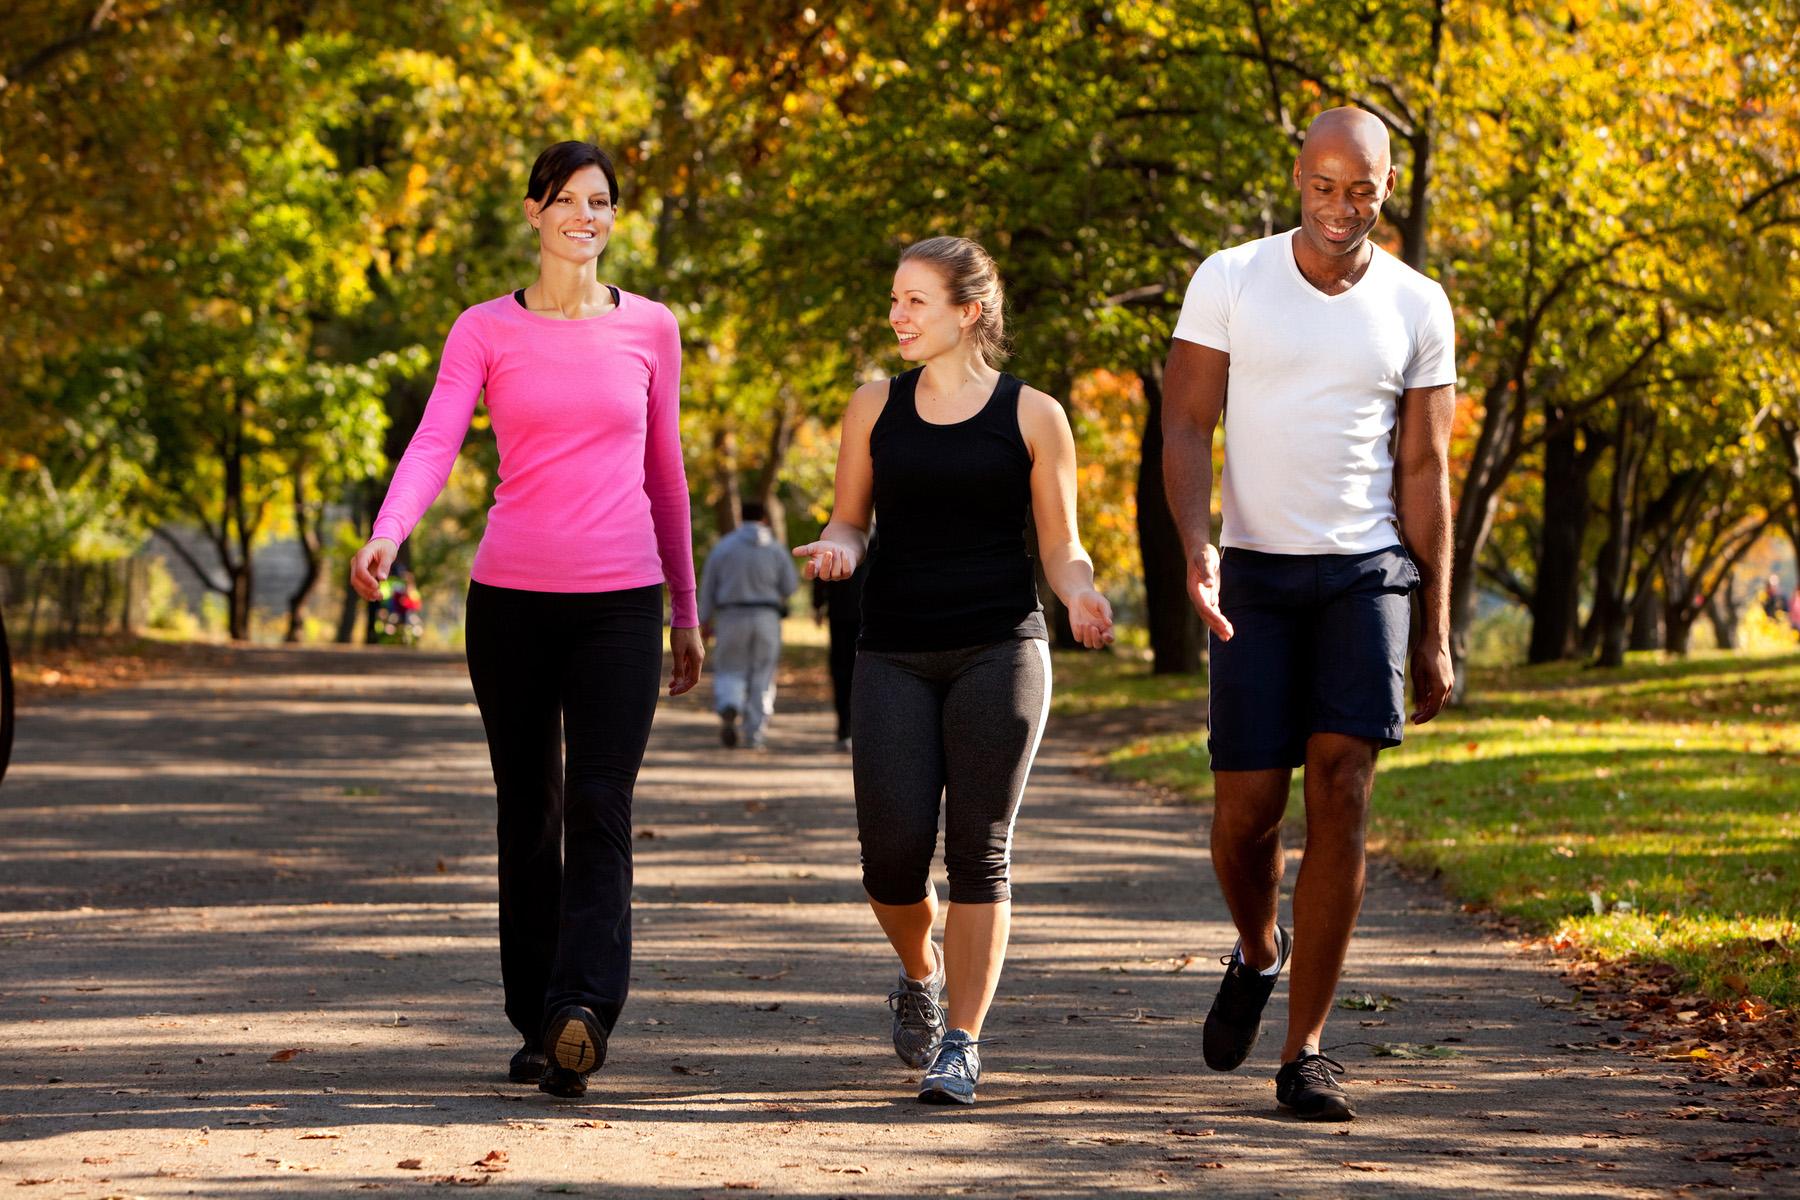 Friends walking in a park